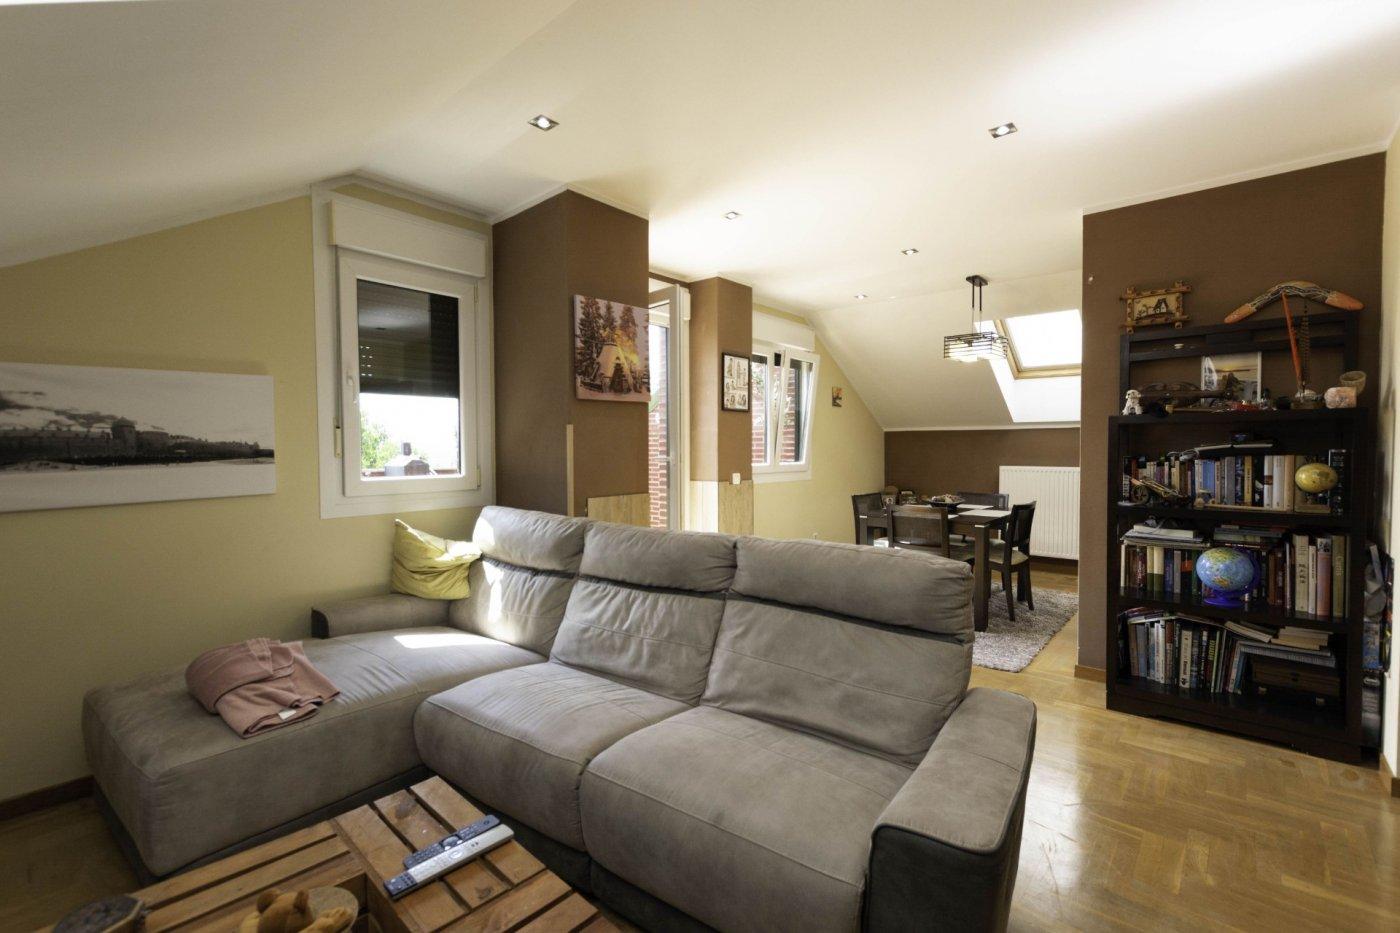 Ático con terraza de 11 m2, a 2 km de salinas - imagenInmueble8